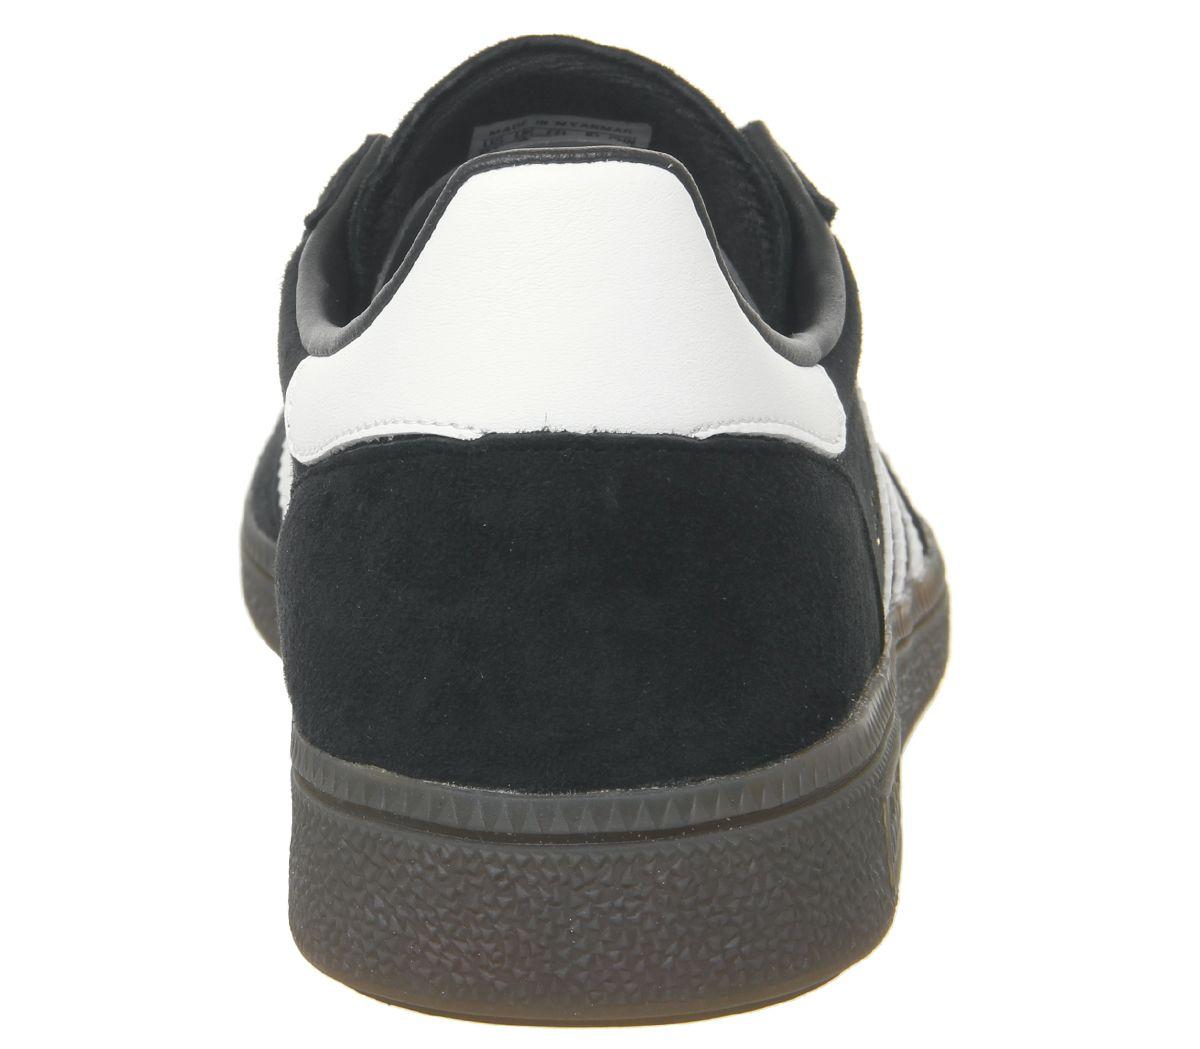 Detalles de Adidas Handball Spezial Zapatillas Core Blanco y Negro Goma Deportivas